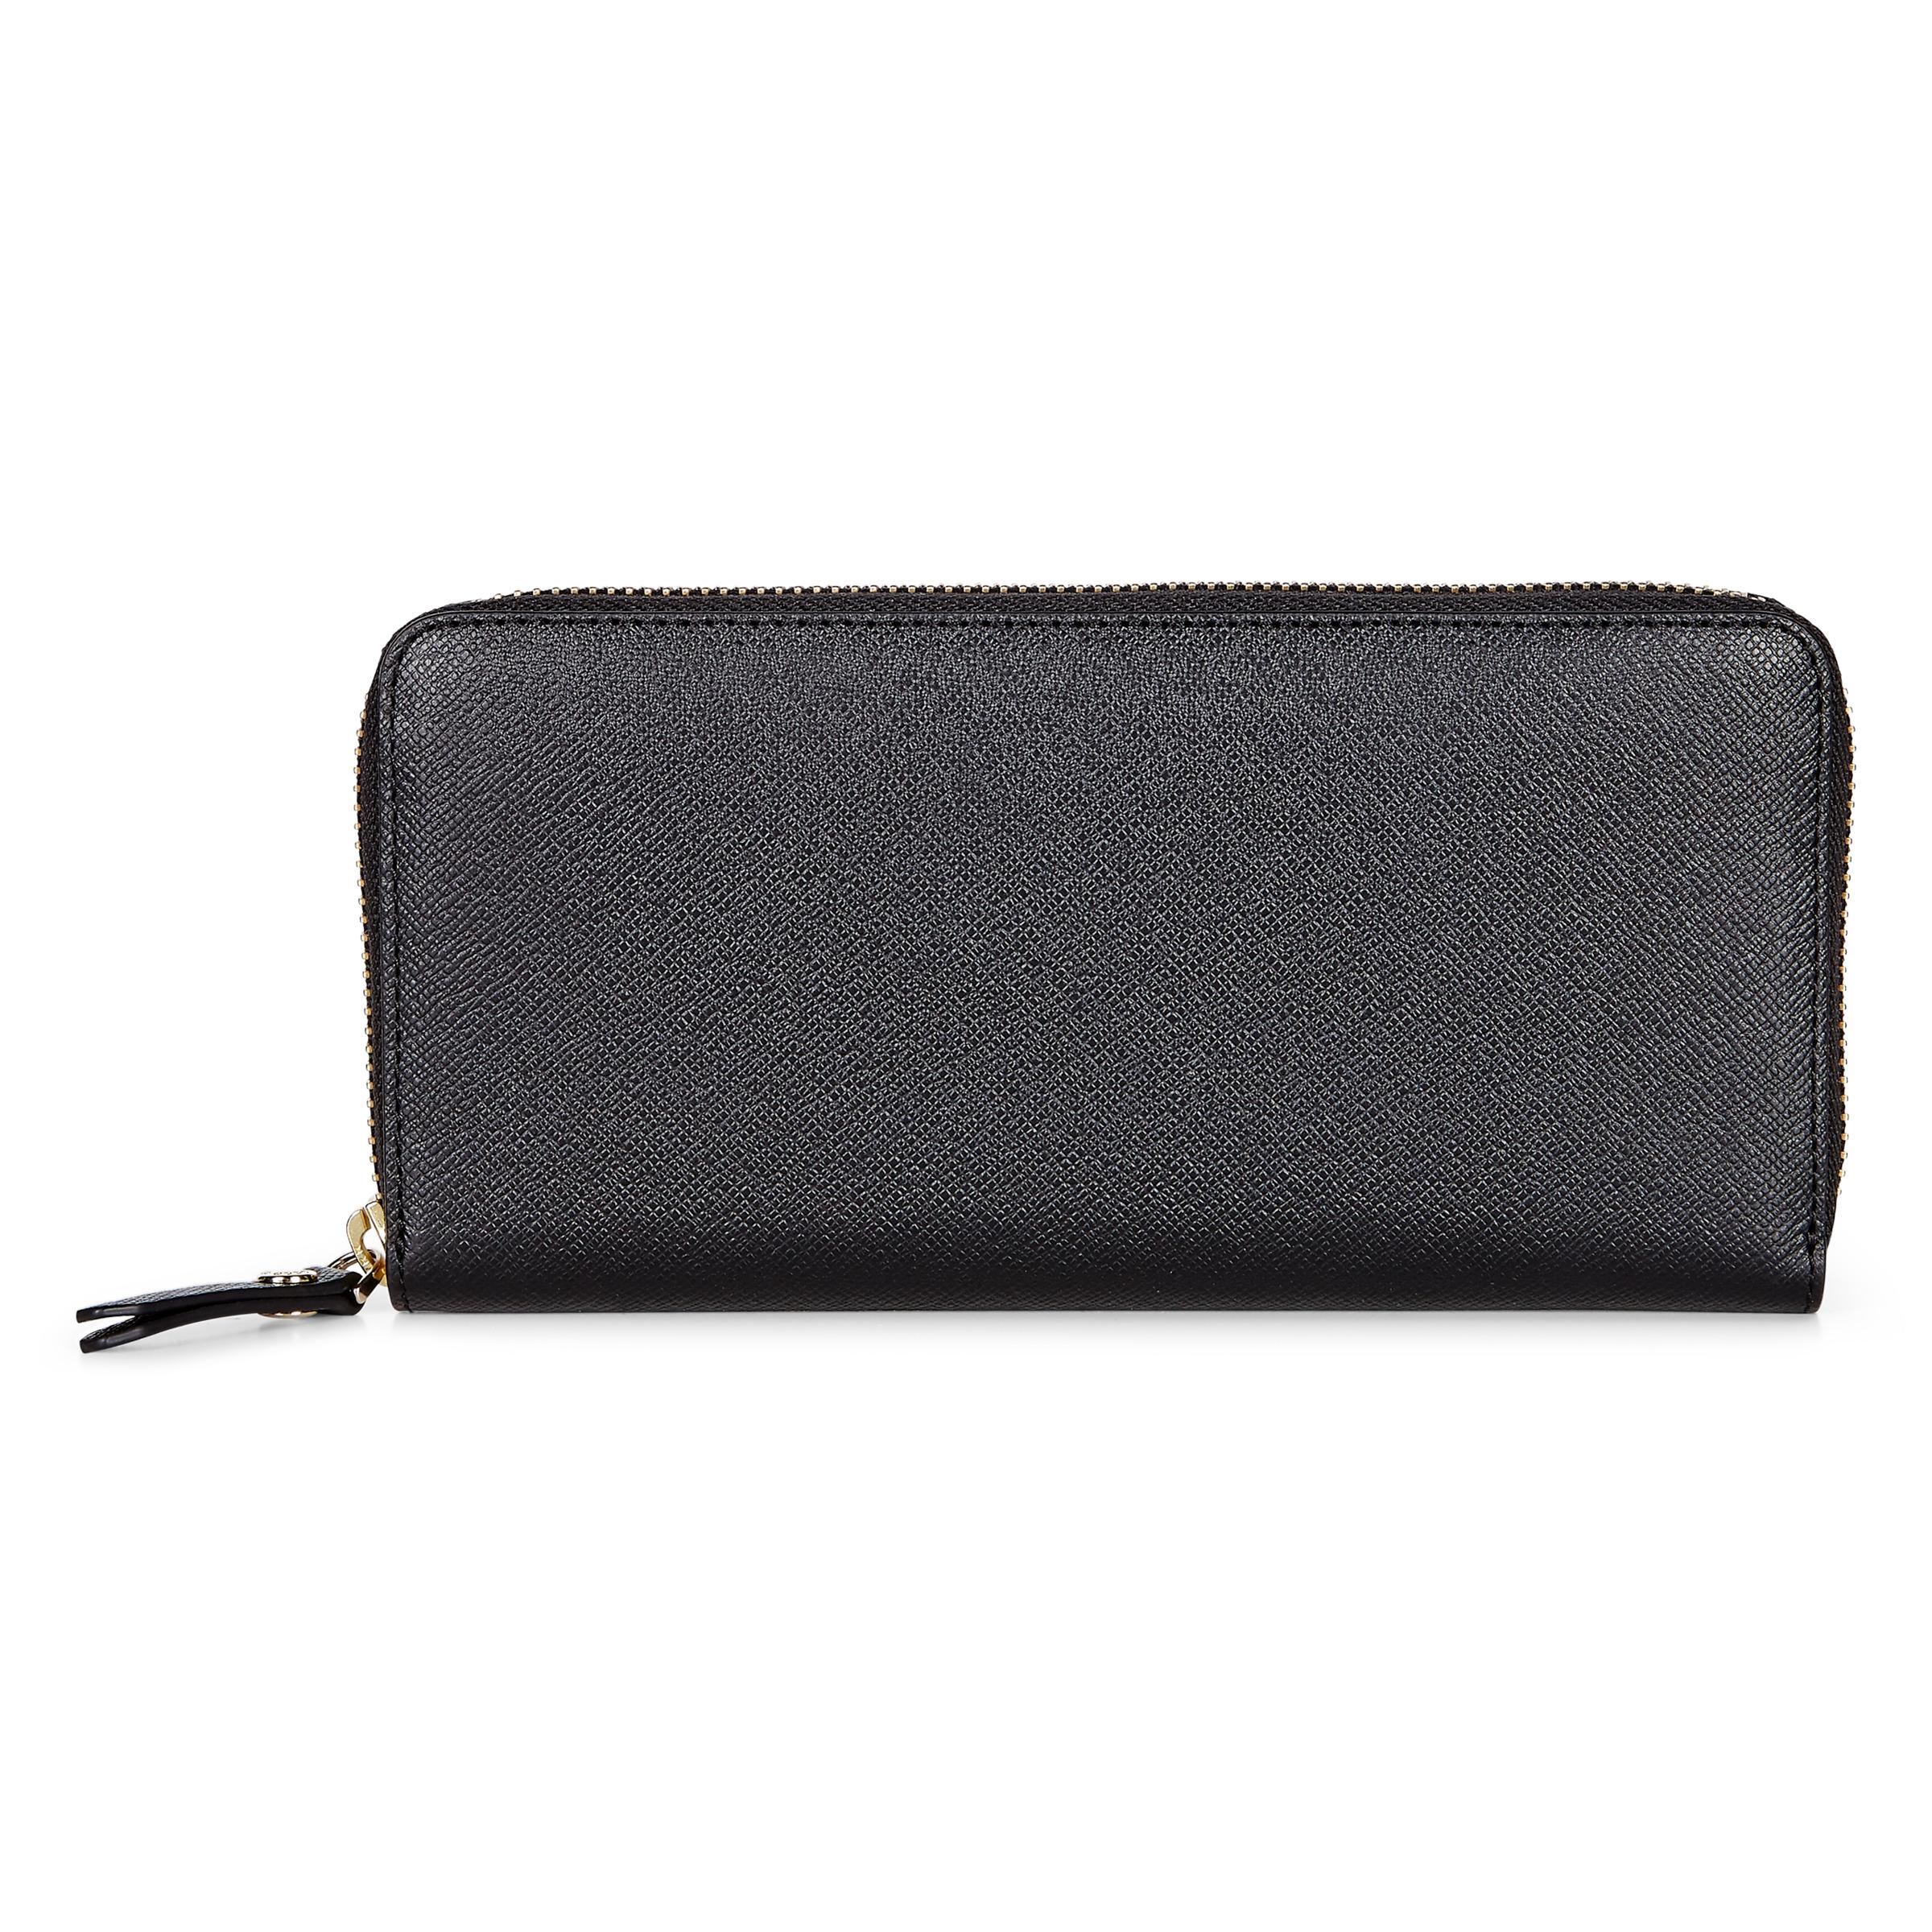 Image of ECCO Iola Large Wallet